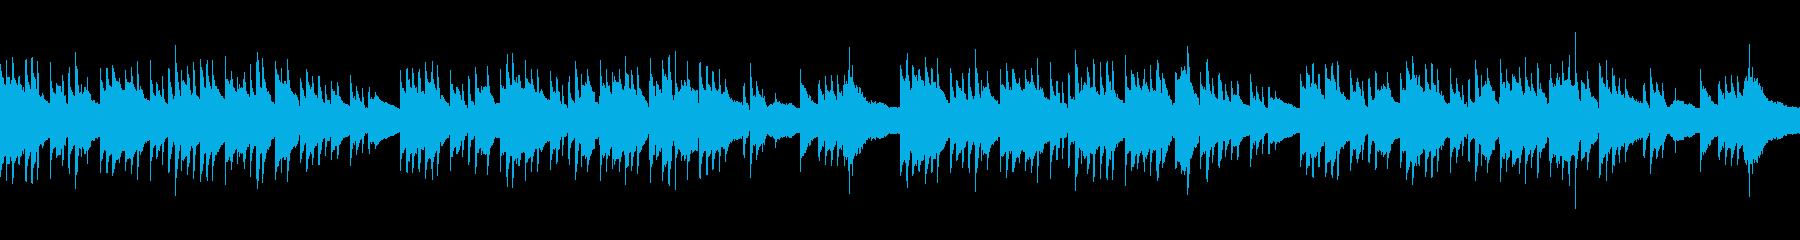 アコギ ノスタルジックなループBGMの再生済みの波形